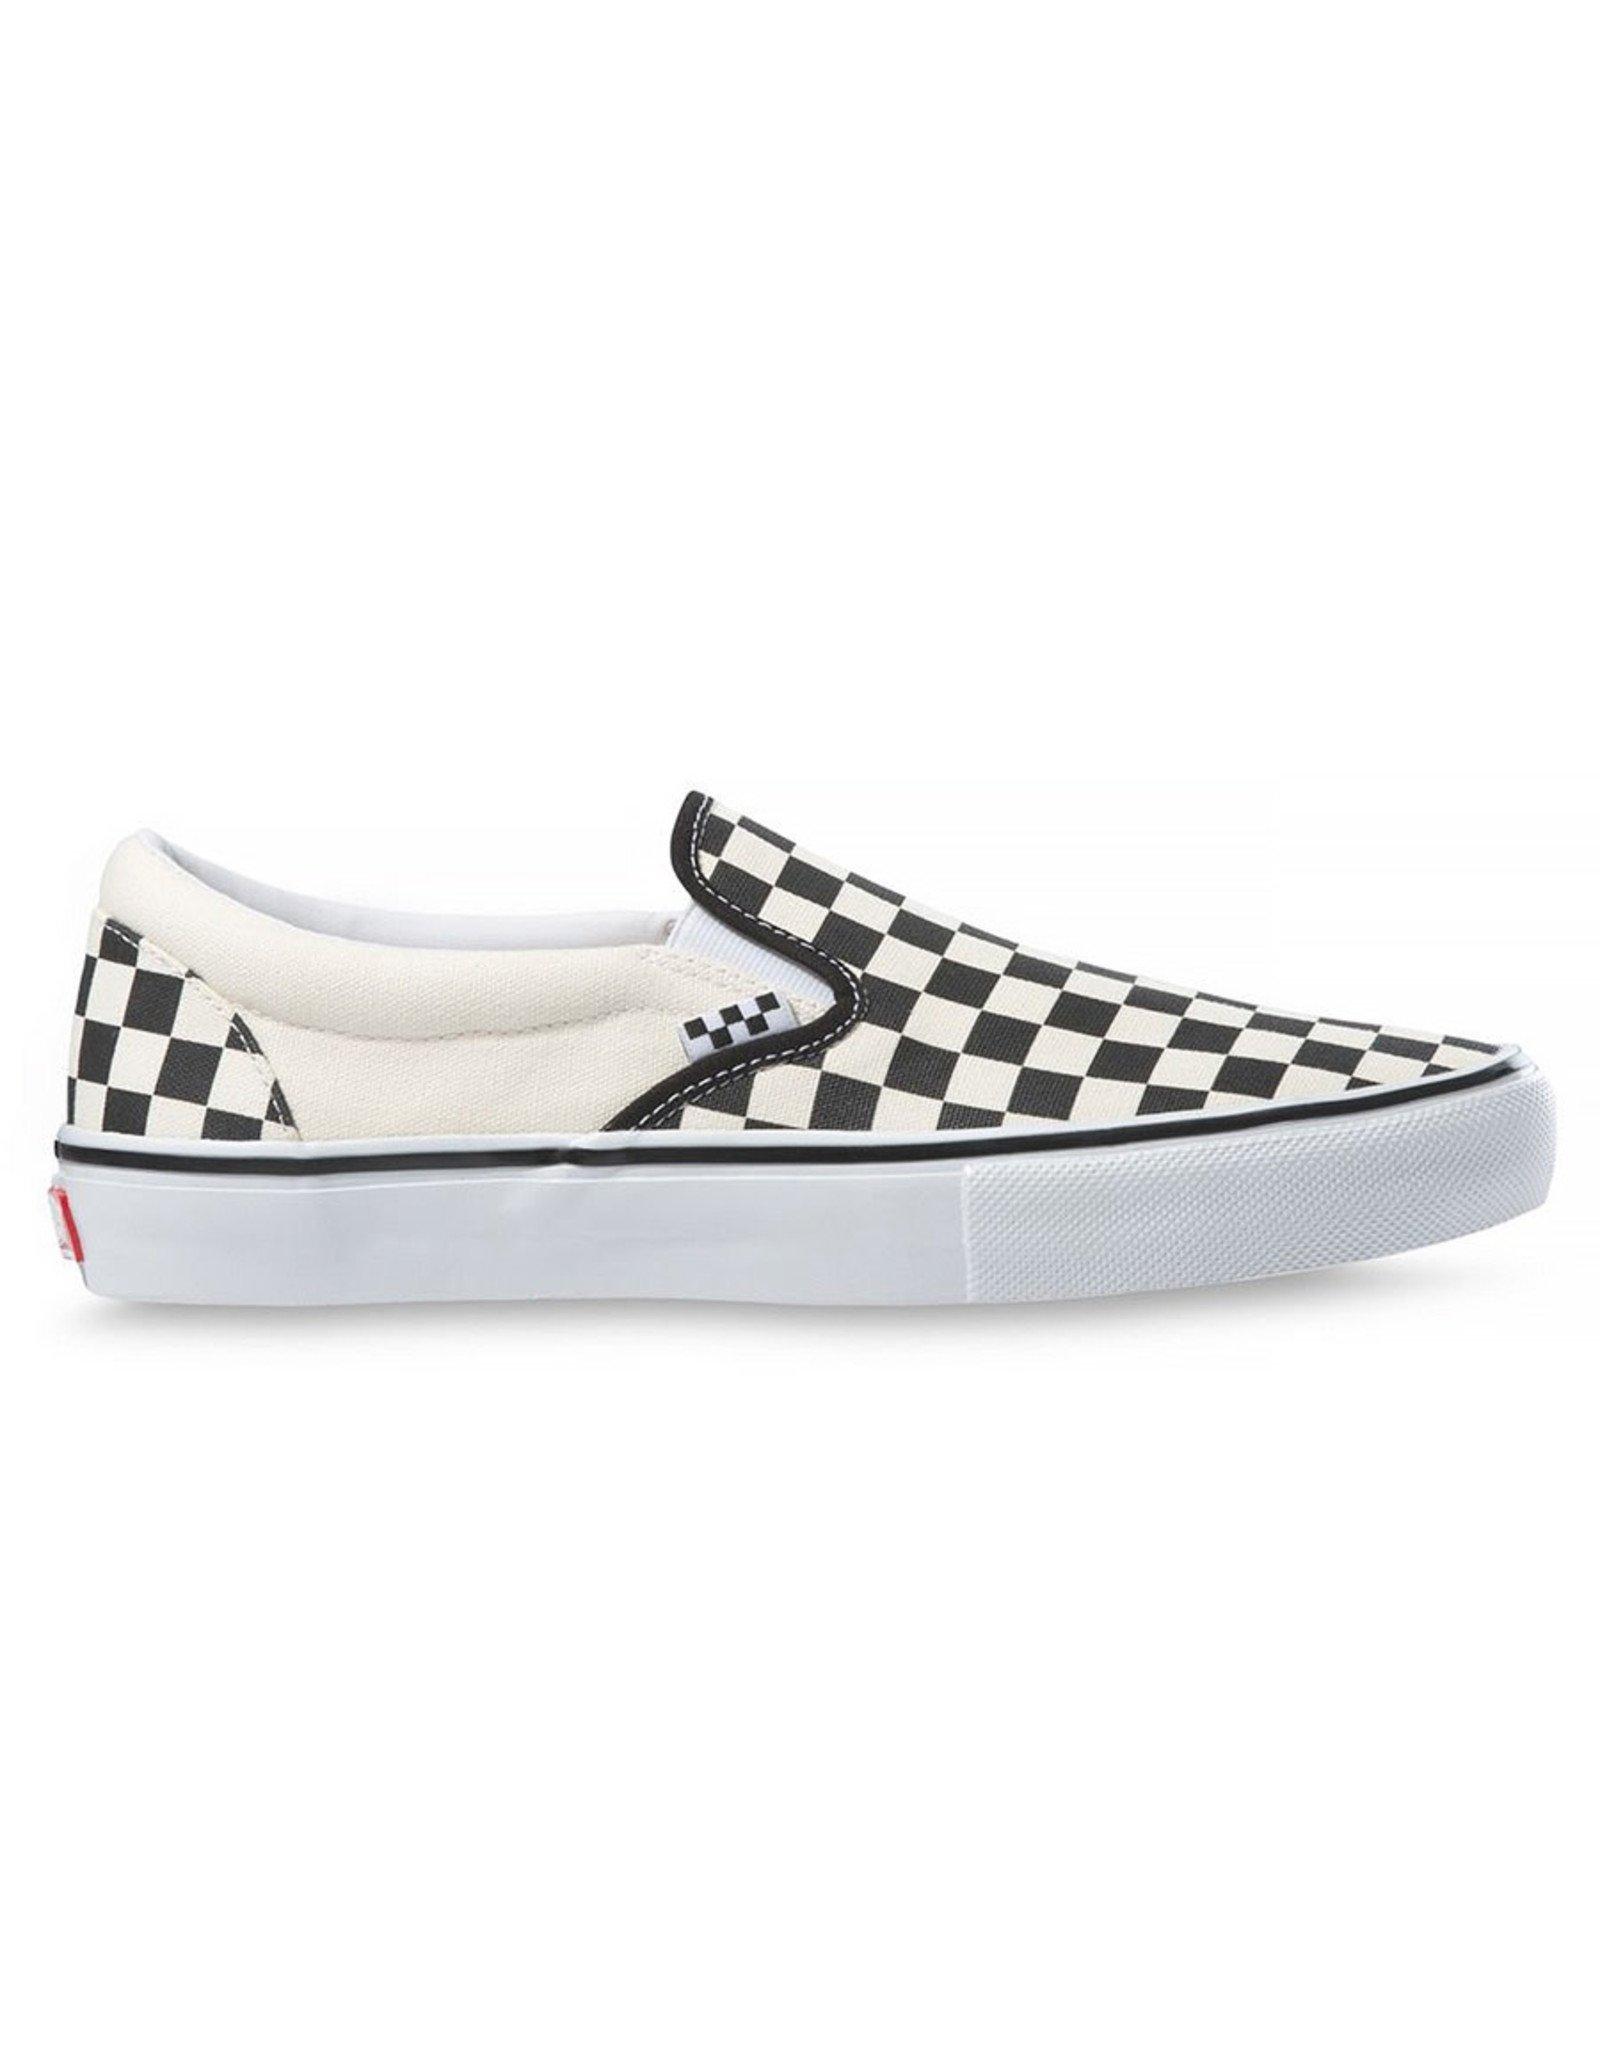 Vans Vans Shoe Skate Slip-On (Checker/Black/White)